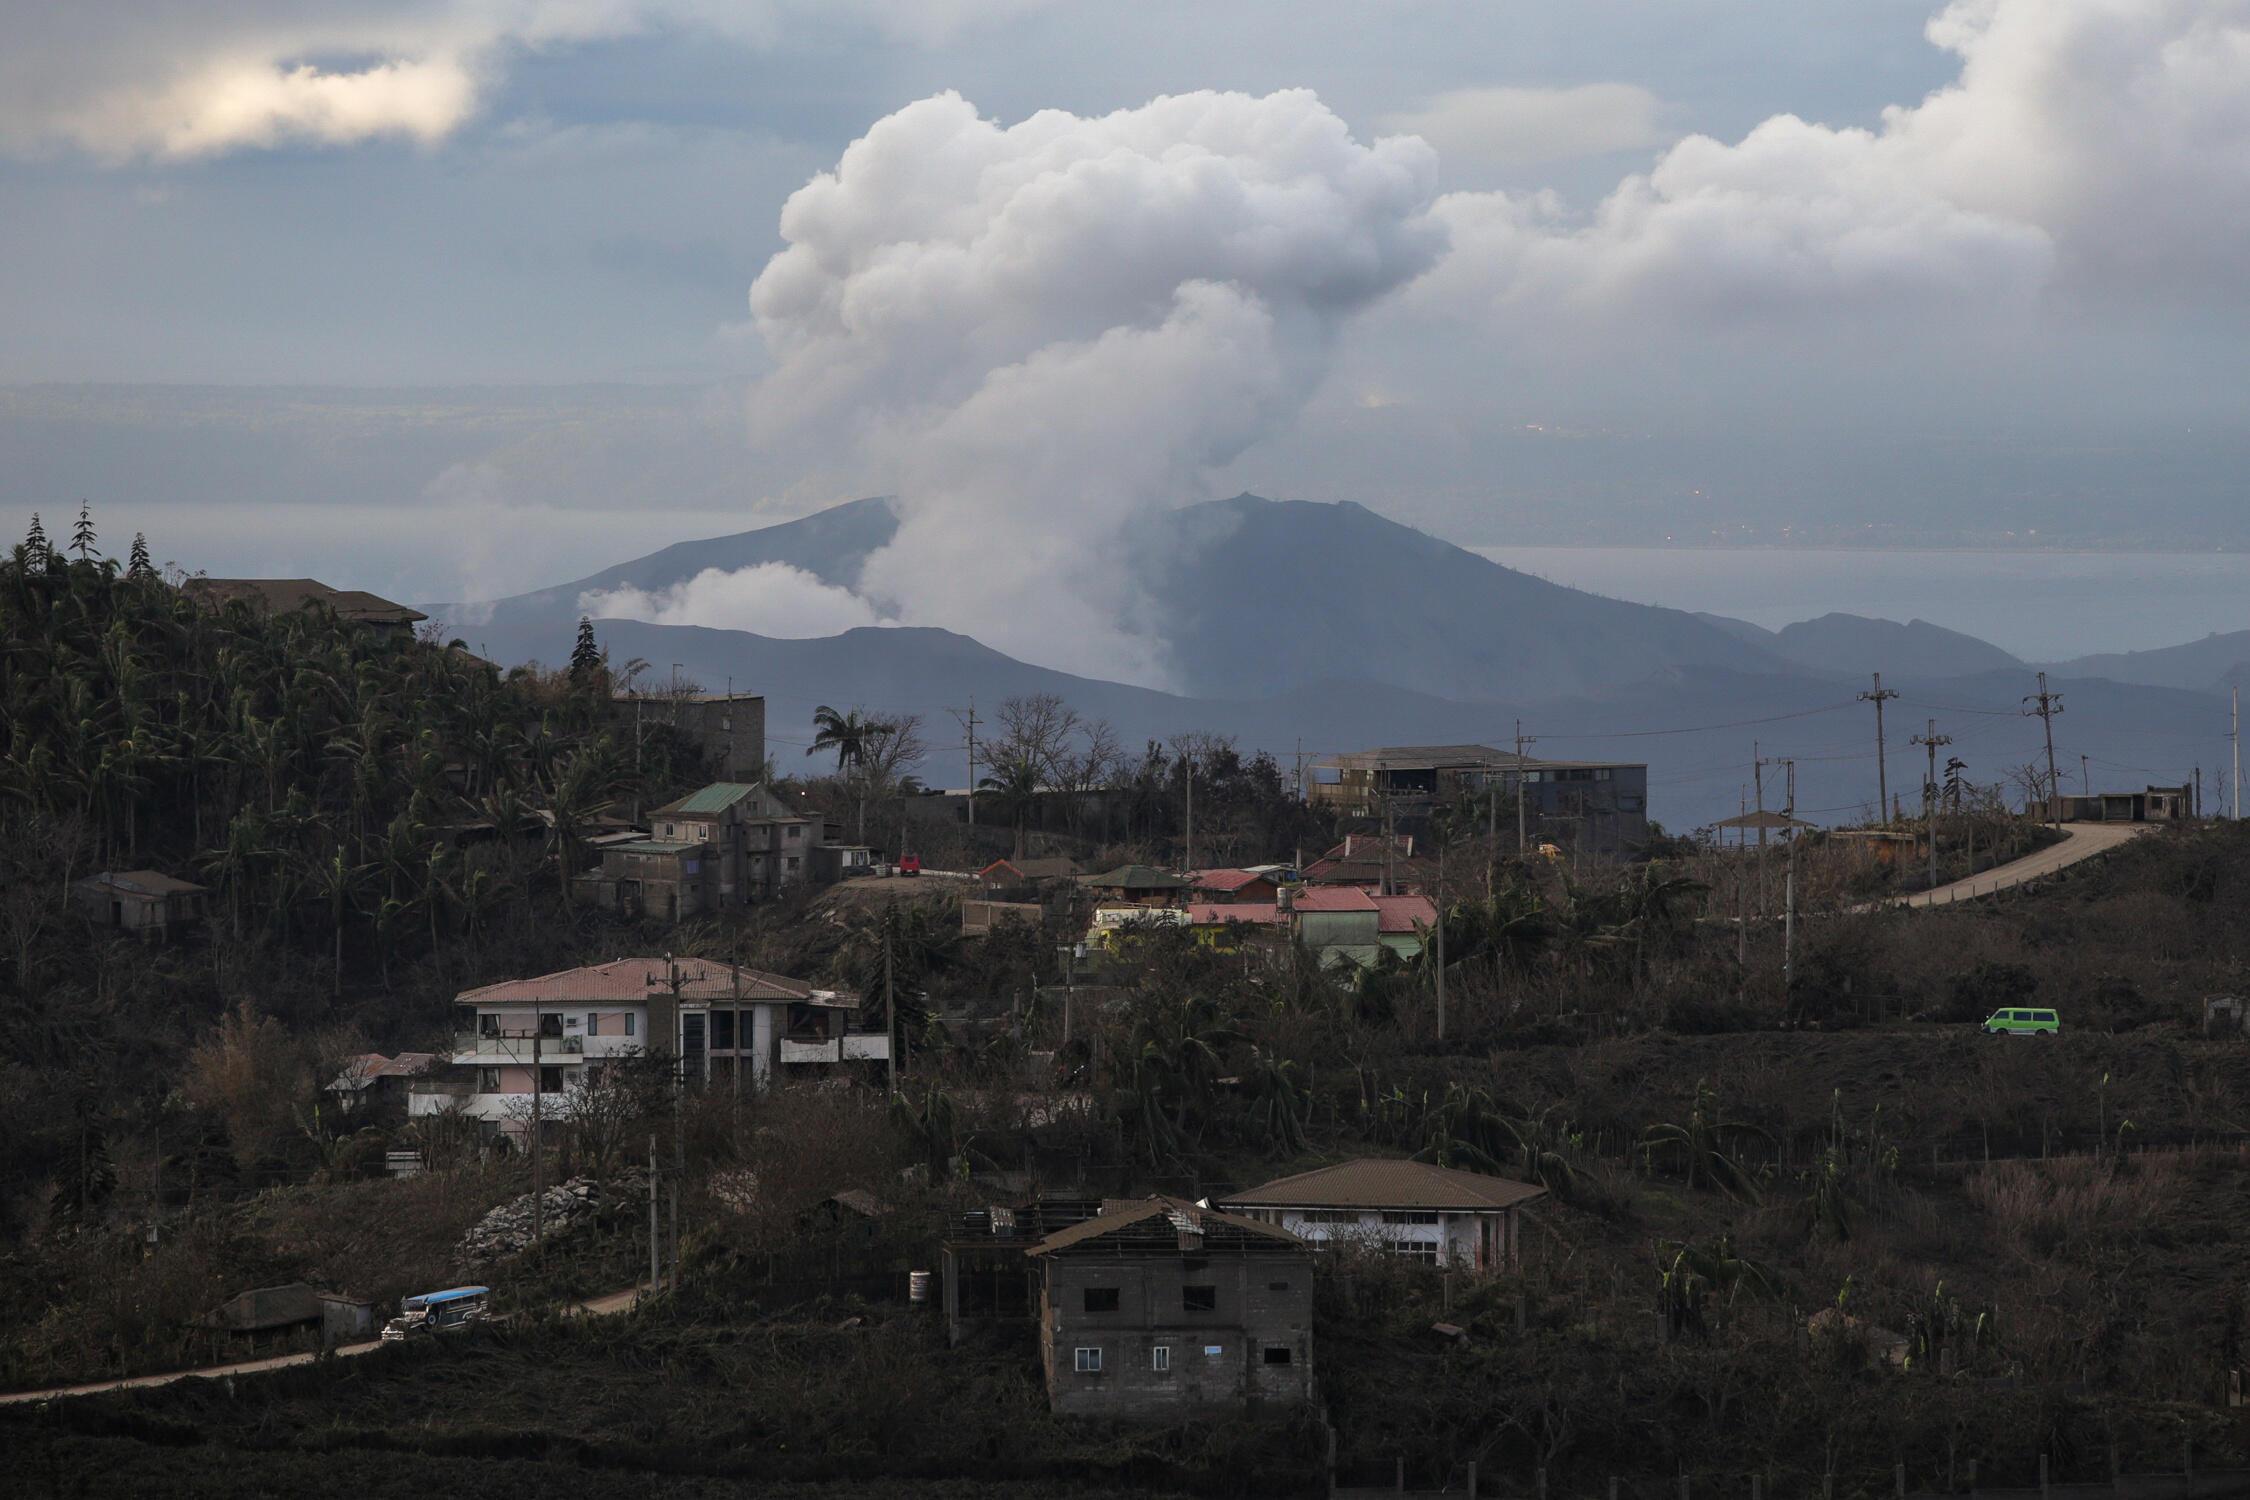 菲律賓塔阿爾火山